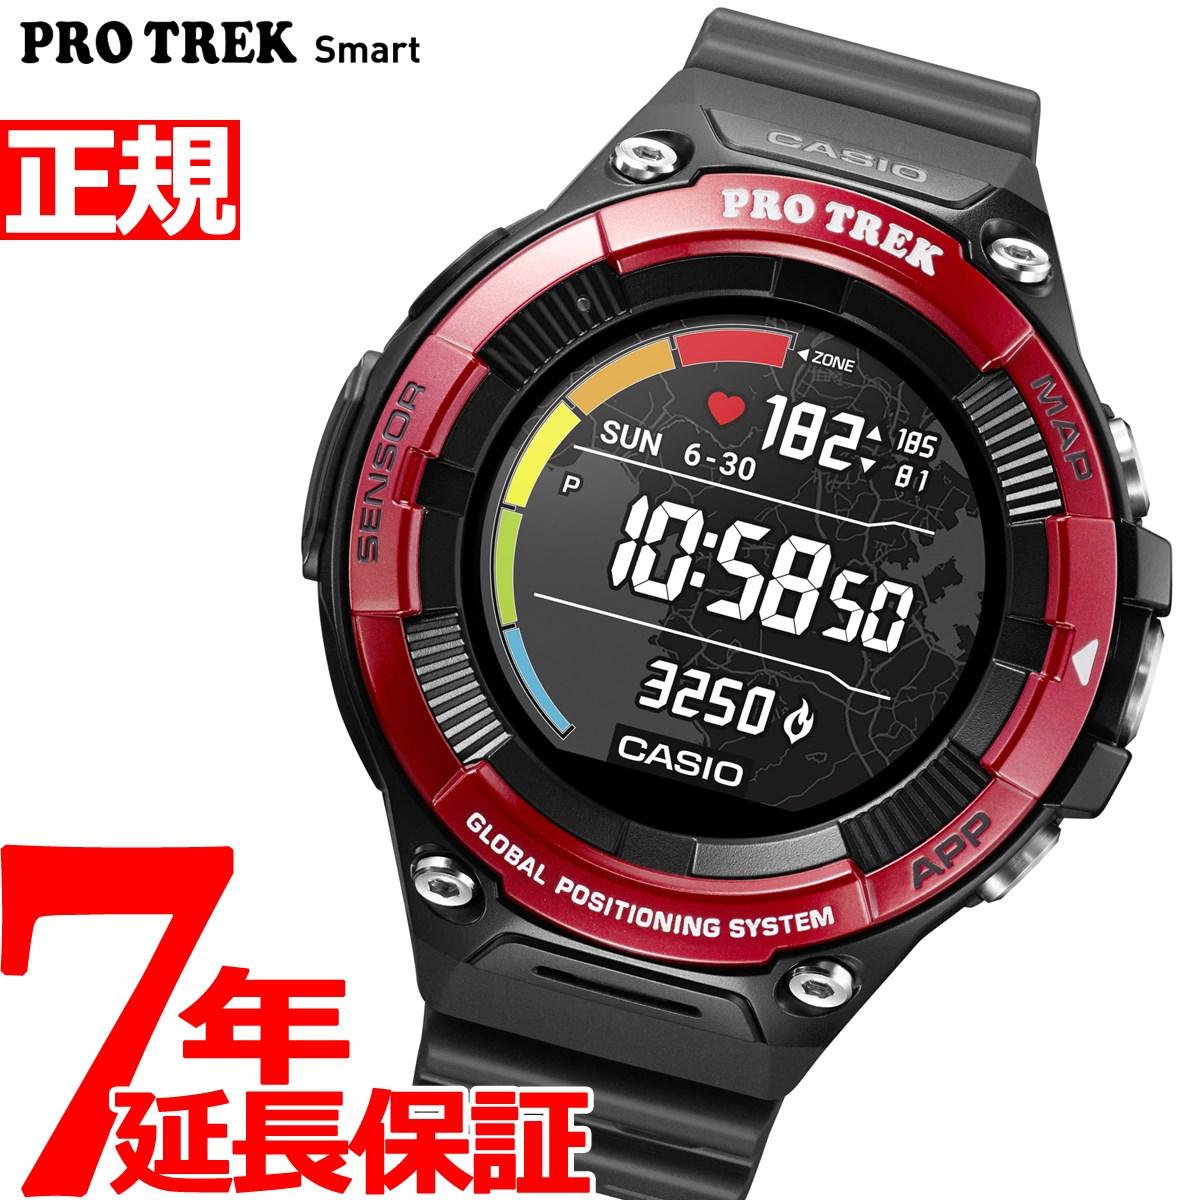 カシオ プロトレック CASIO PRO TREK スマートアウトドアウォッチ Smart Outdoor Watch レッド 腕時計 メンズ WSD-F21HR-RD